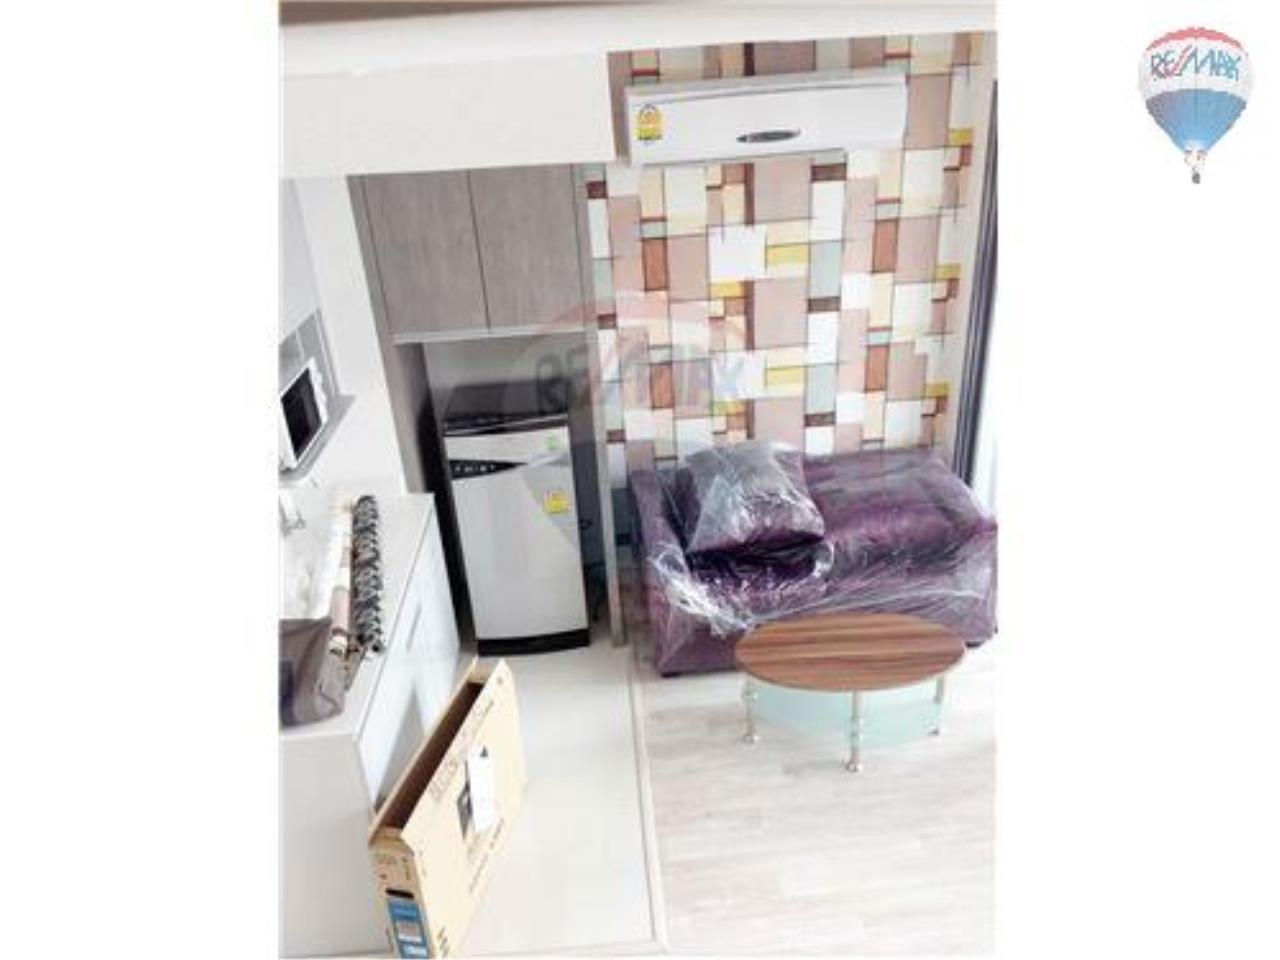 RE/MAX Properties Agency's Condominium for rent 43 Sq.M. at Ideo Mobi Sukhumvit 1